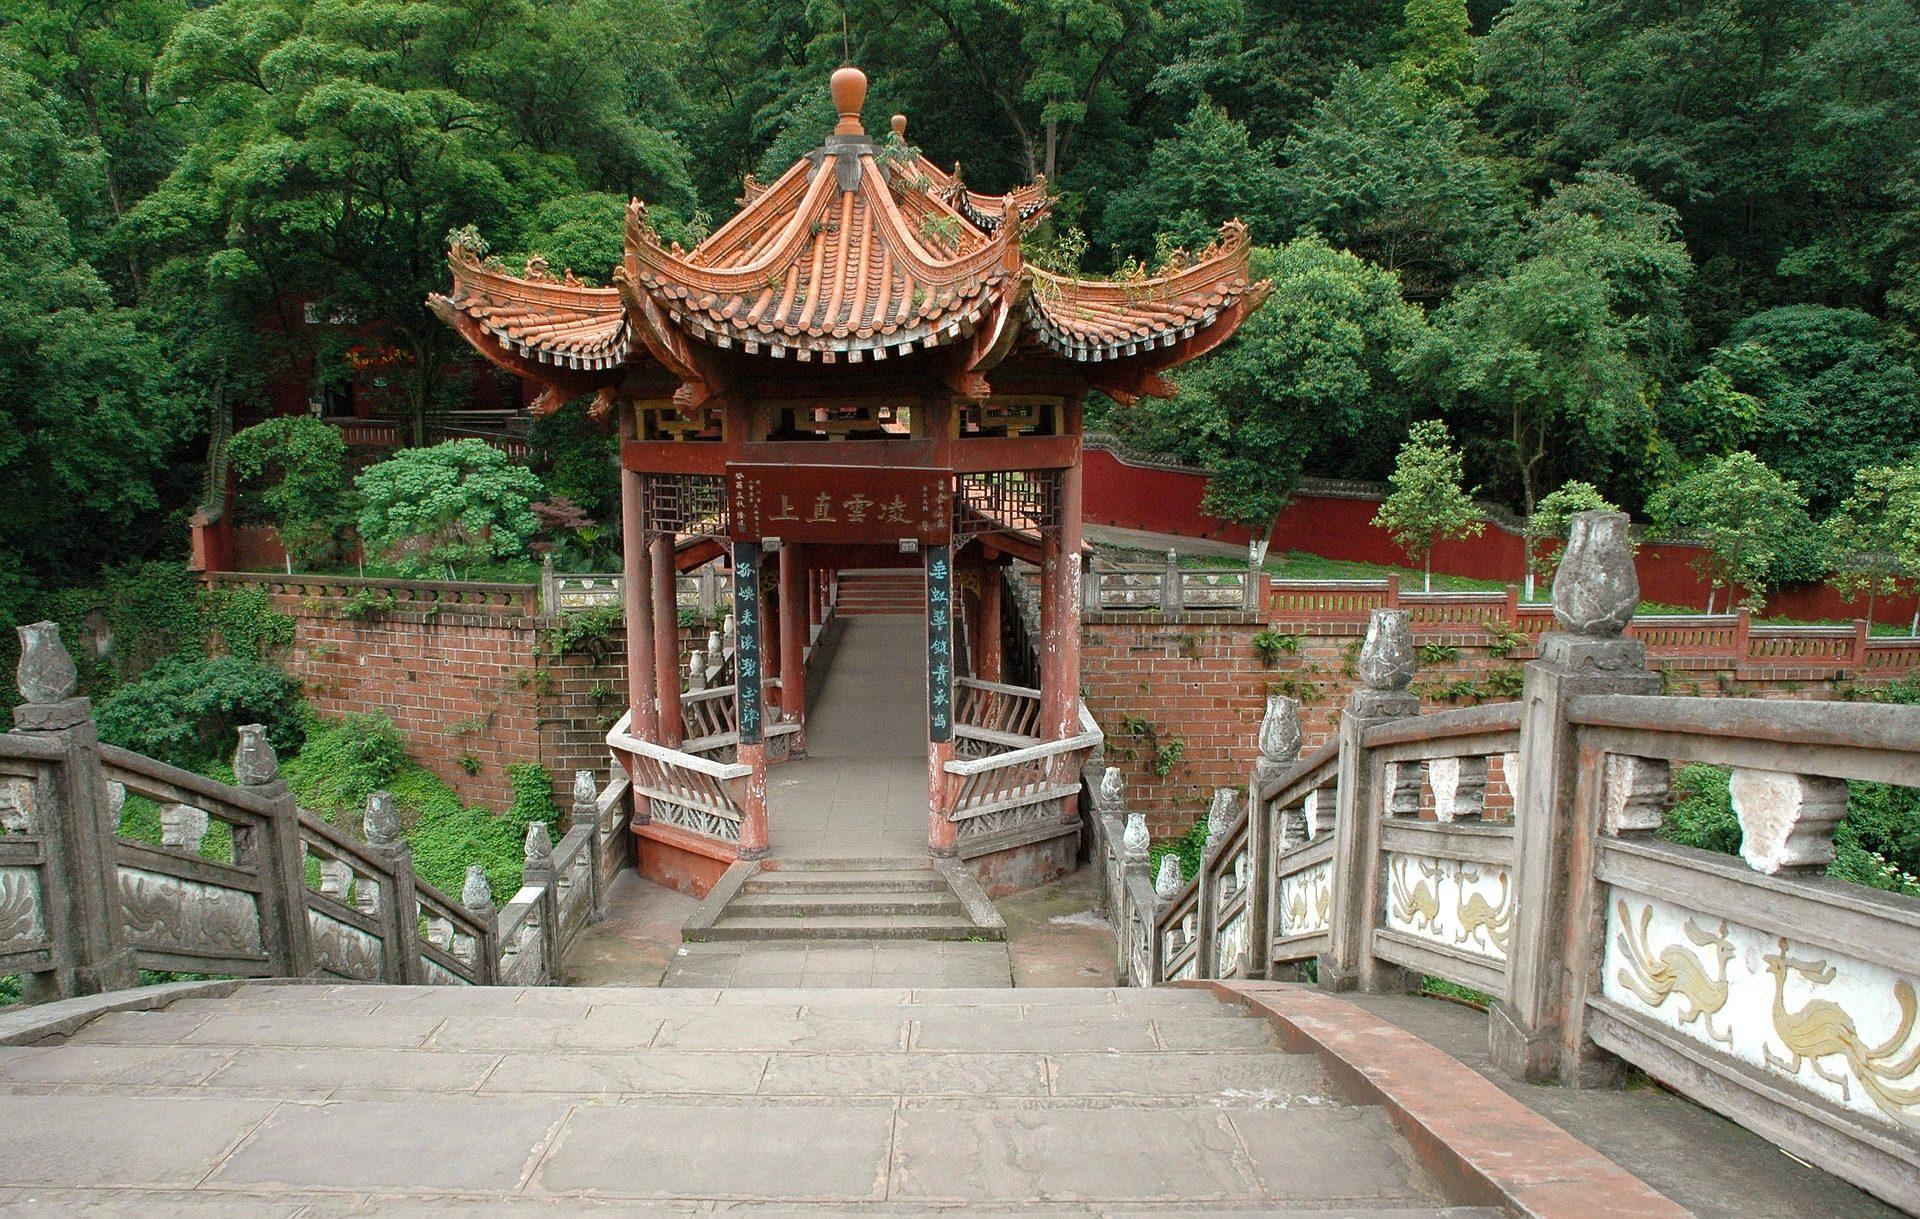 पुल, वास्तुकला, पूर्वी, लेशान, चीन - HD वॉलपेपर - प्रोफेसर-falken.com